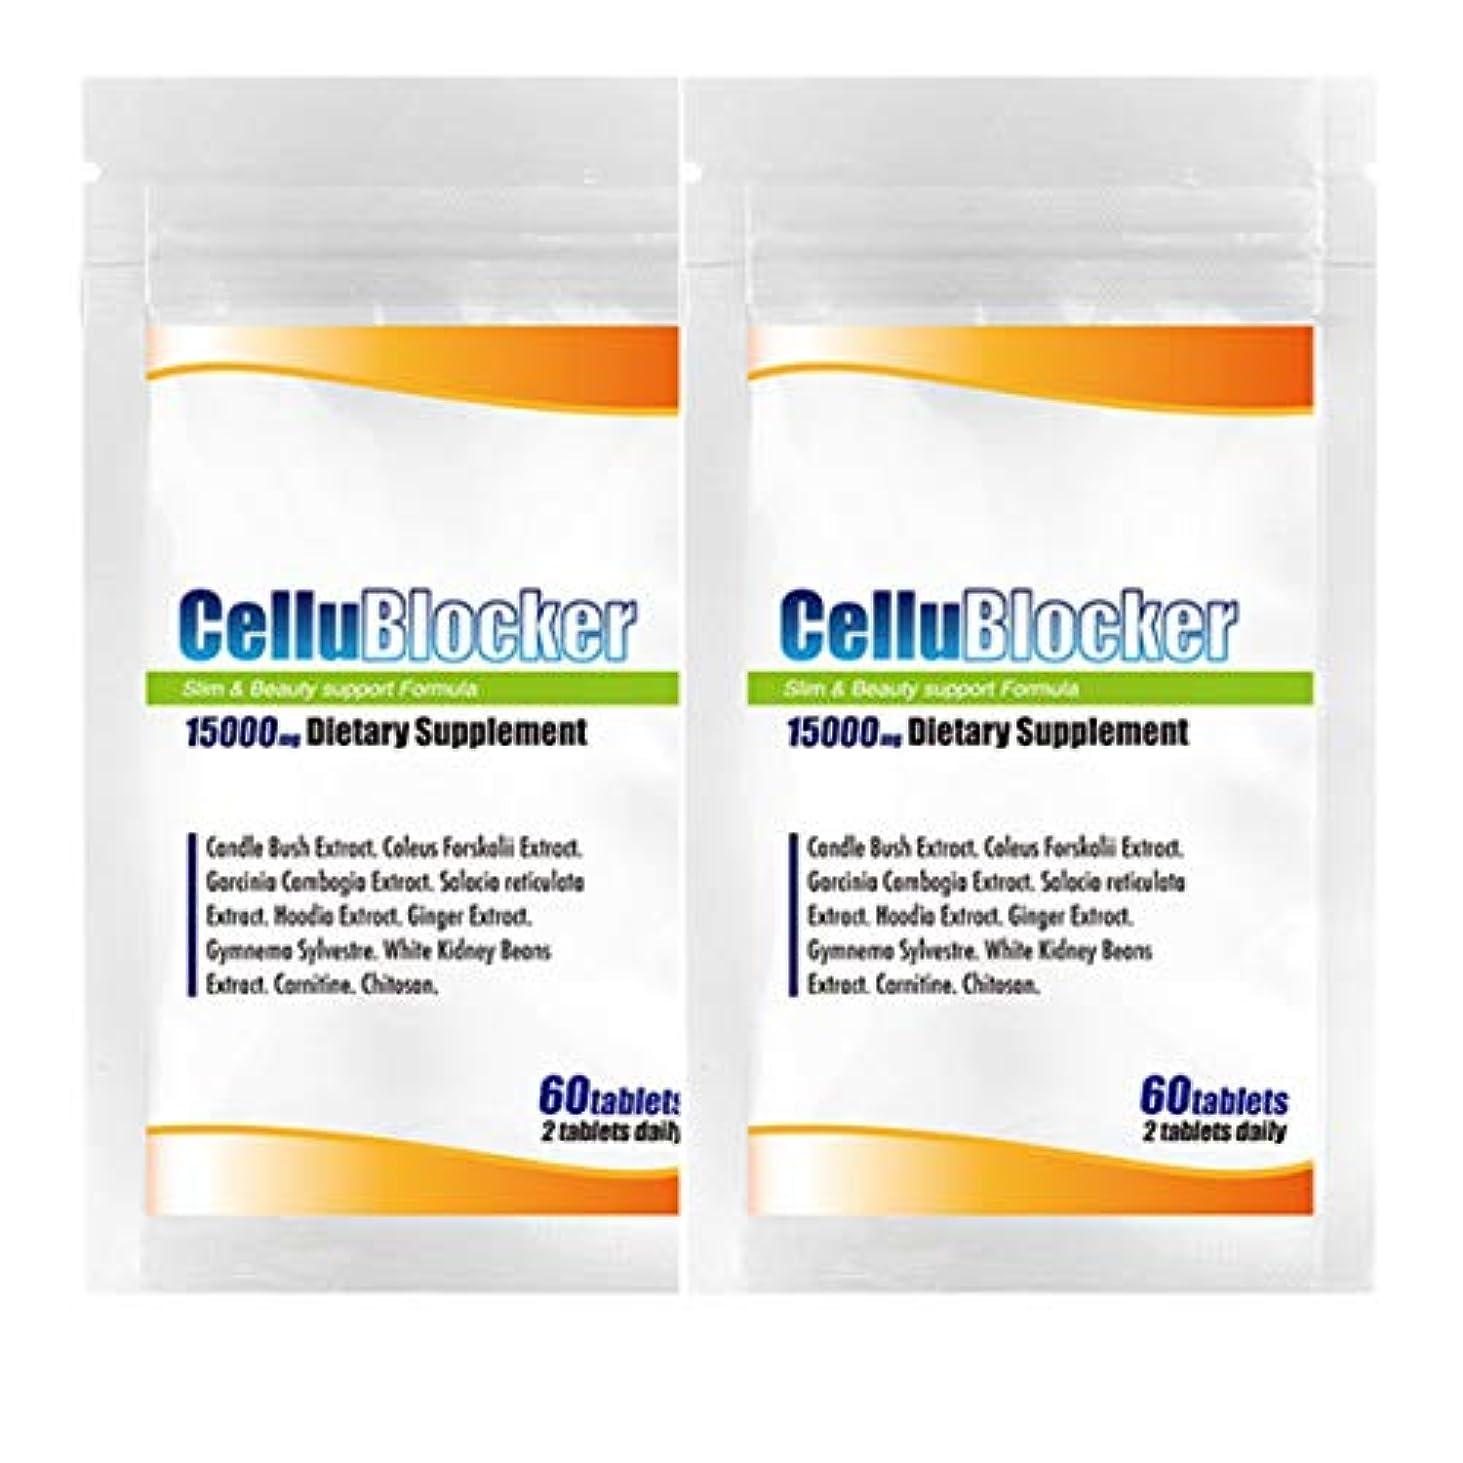 【お買い得2袋セット】大人気 Cellu Blocker(セルブロッカー)ダイエット成分凝縮配合!制限なしの短期ダイエット?コレウス フォルスコリ ガルシニア サラシア まさにダイエットの強い味方!